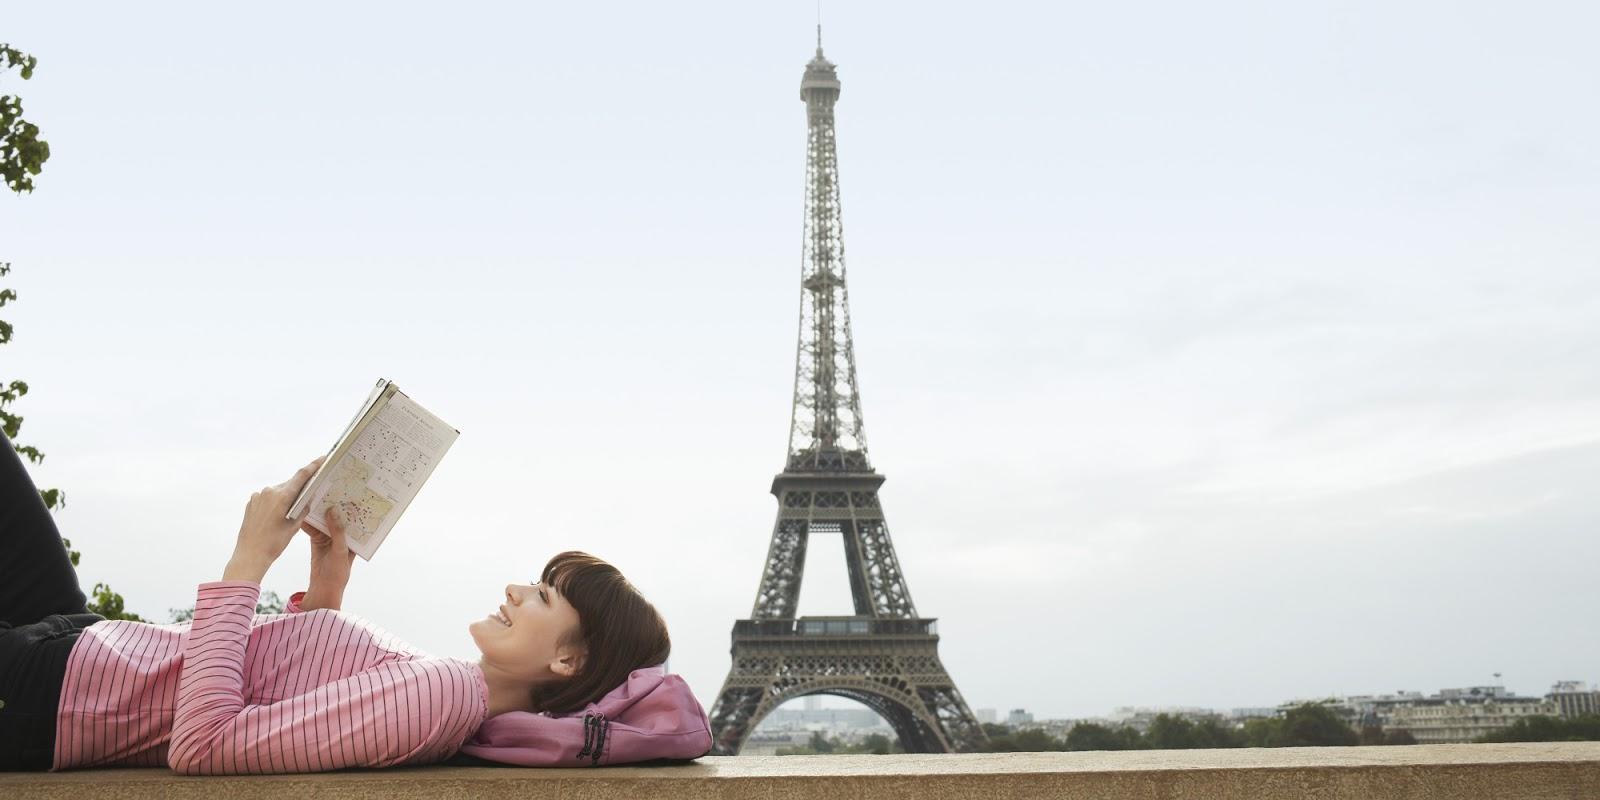 BEasiswa mudah dan cara cepat dapatkan beasiswa selain TOEFL